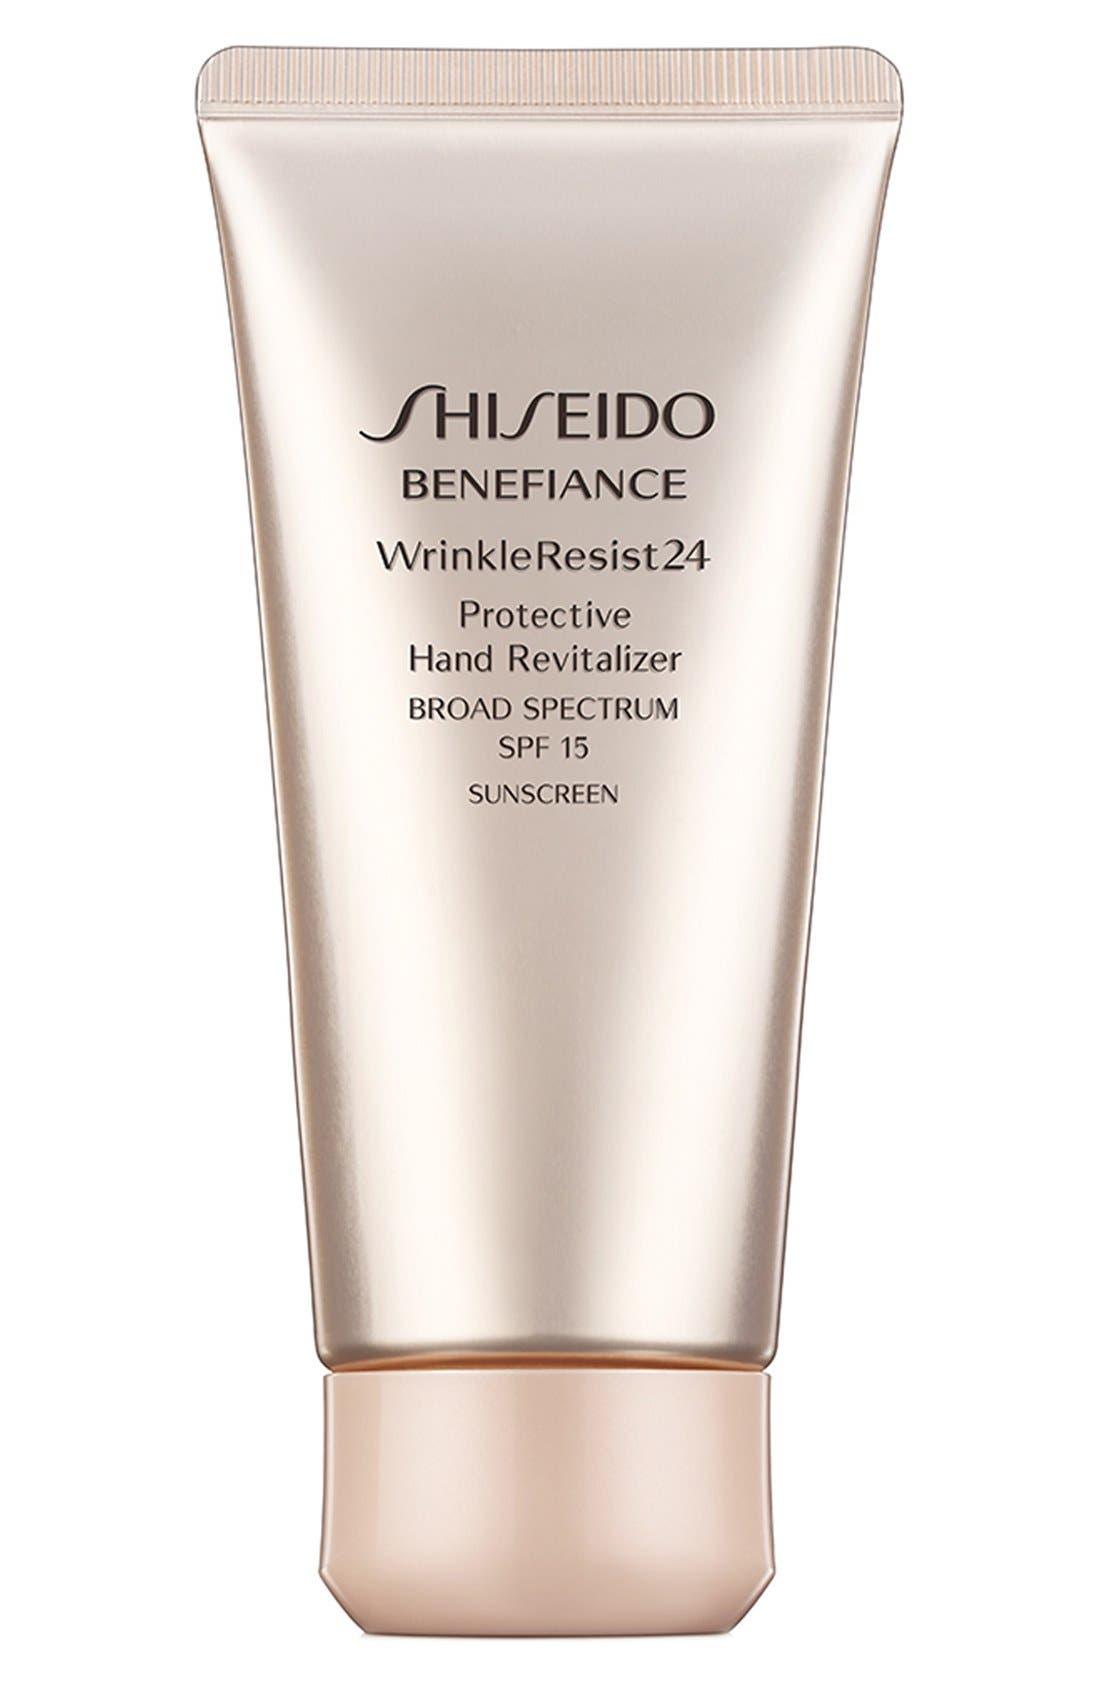 Shiseido 'Benefiance WrinkleResist24' Protective Hand Revitalizer SPF 15